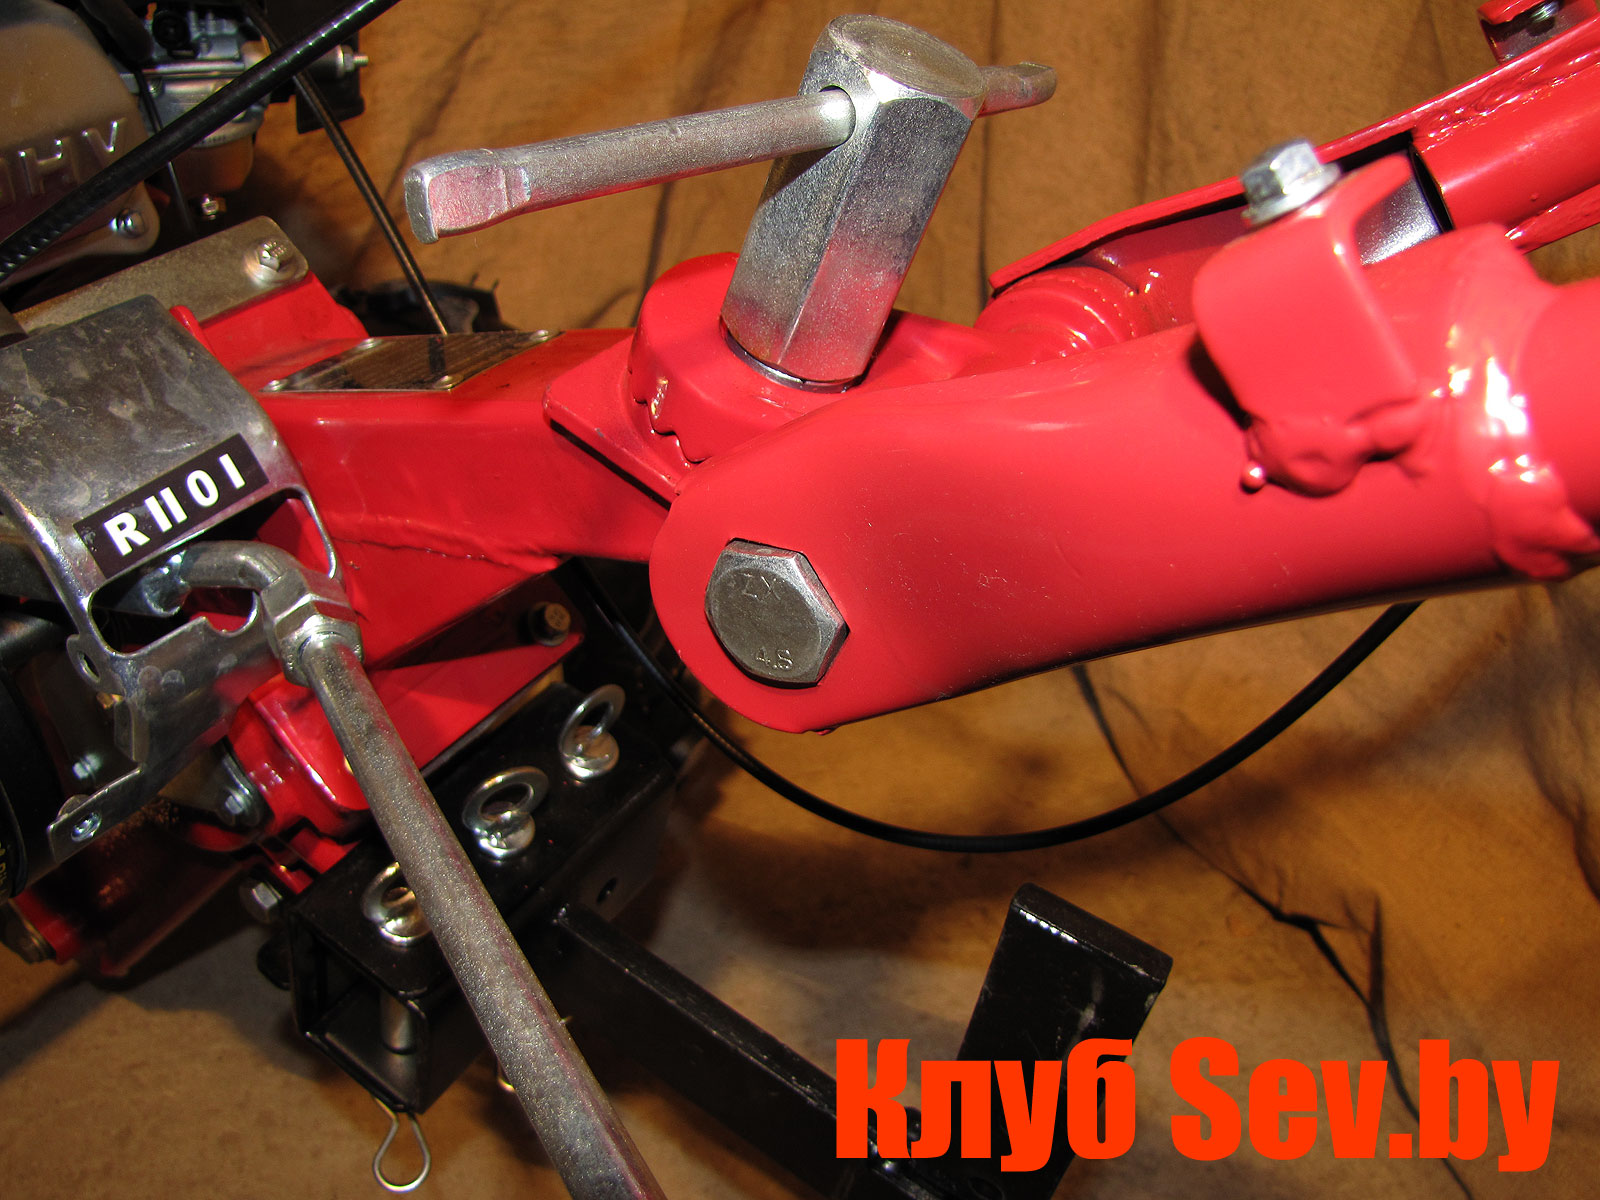 4. Правильное положение поворотного кронштейна и рукояток управления мотокультиватором